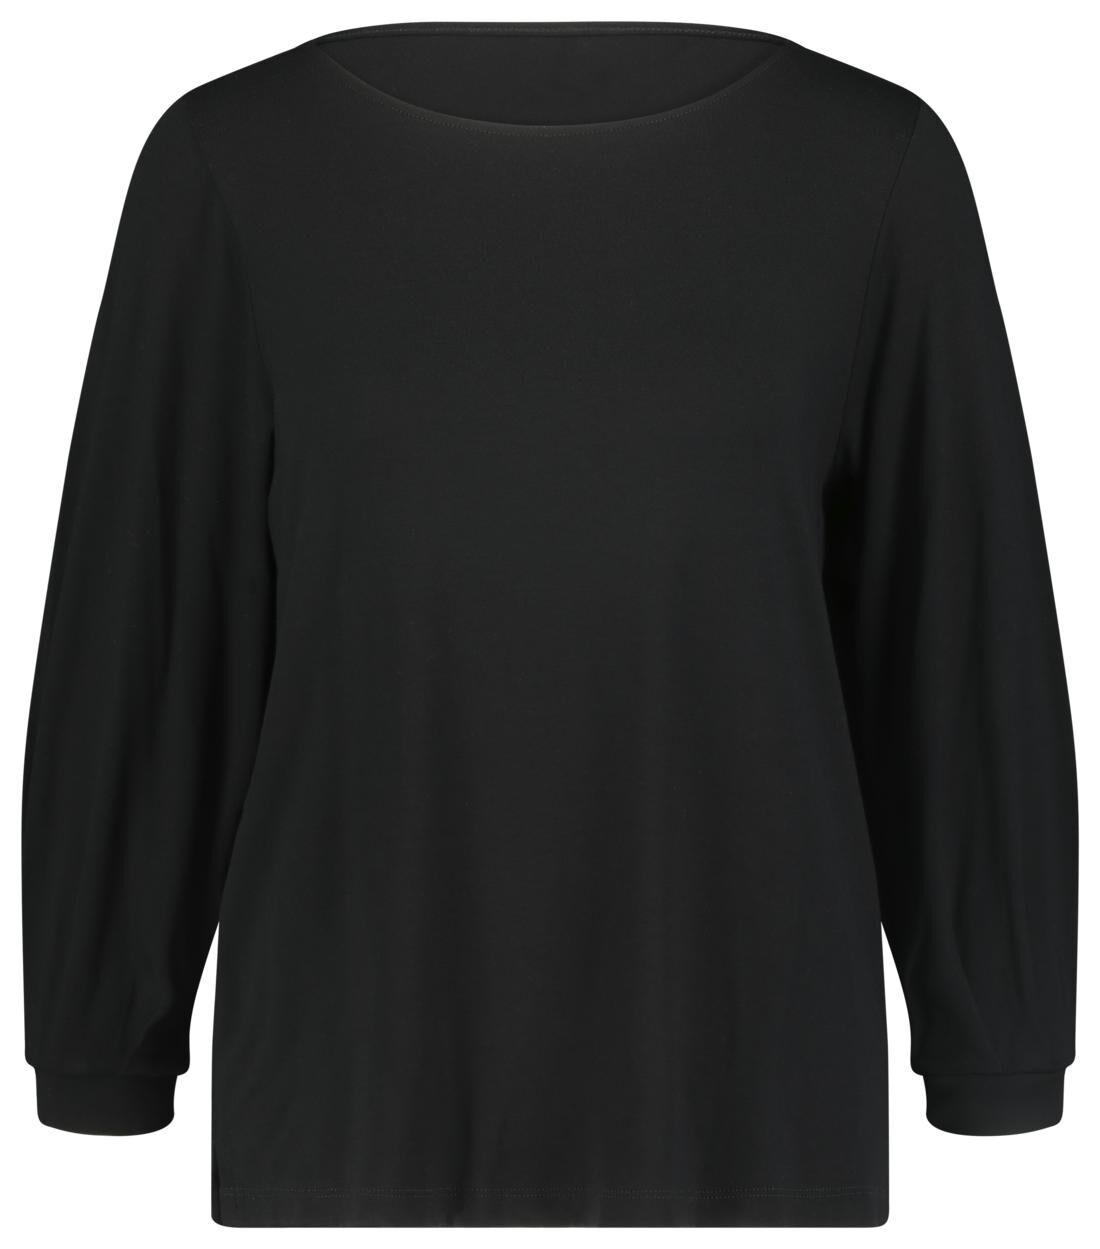 HEMA Dames T-shirt Zwart (zwart)